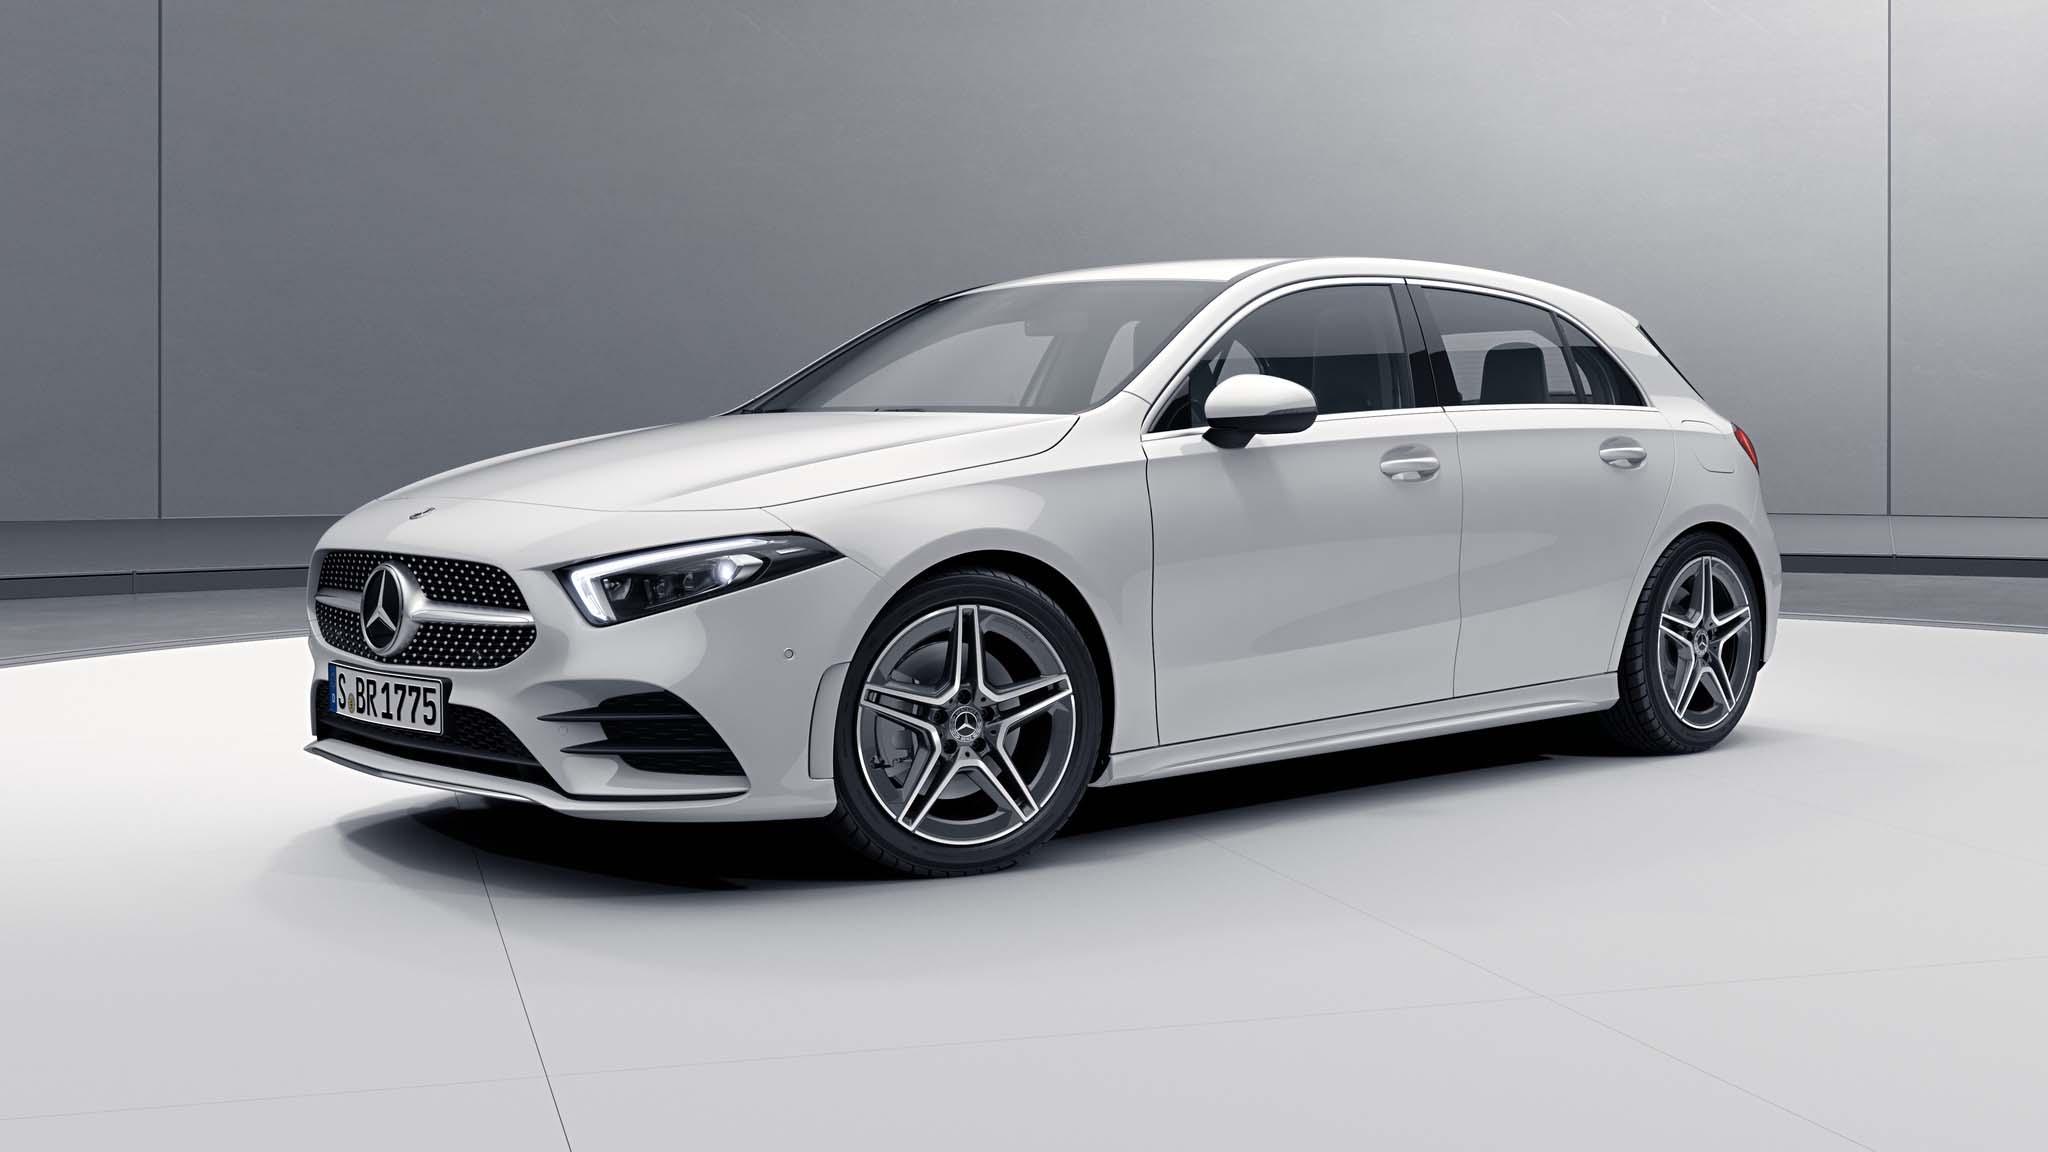 Vue de trois quarts de profil de la Mercedes Classe A avec la peinture Standard Blanc Polaire